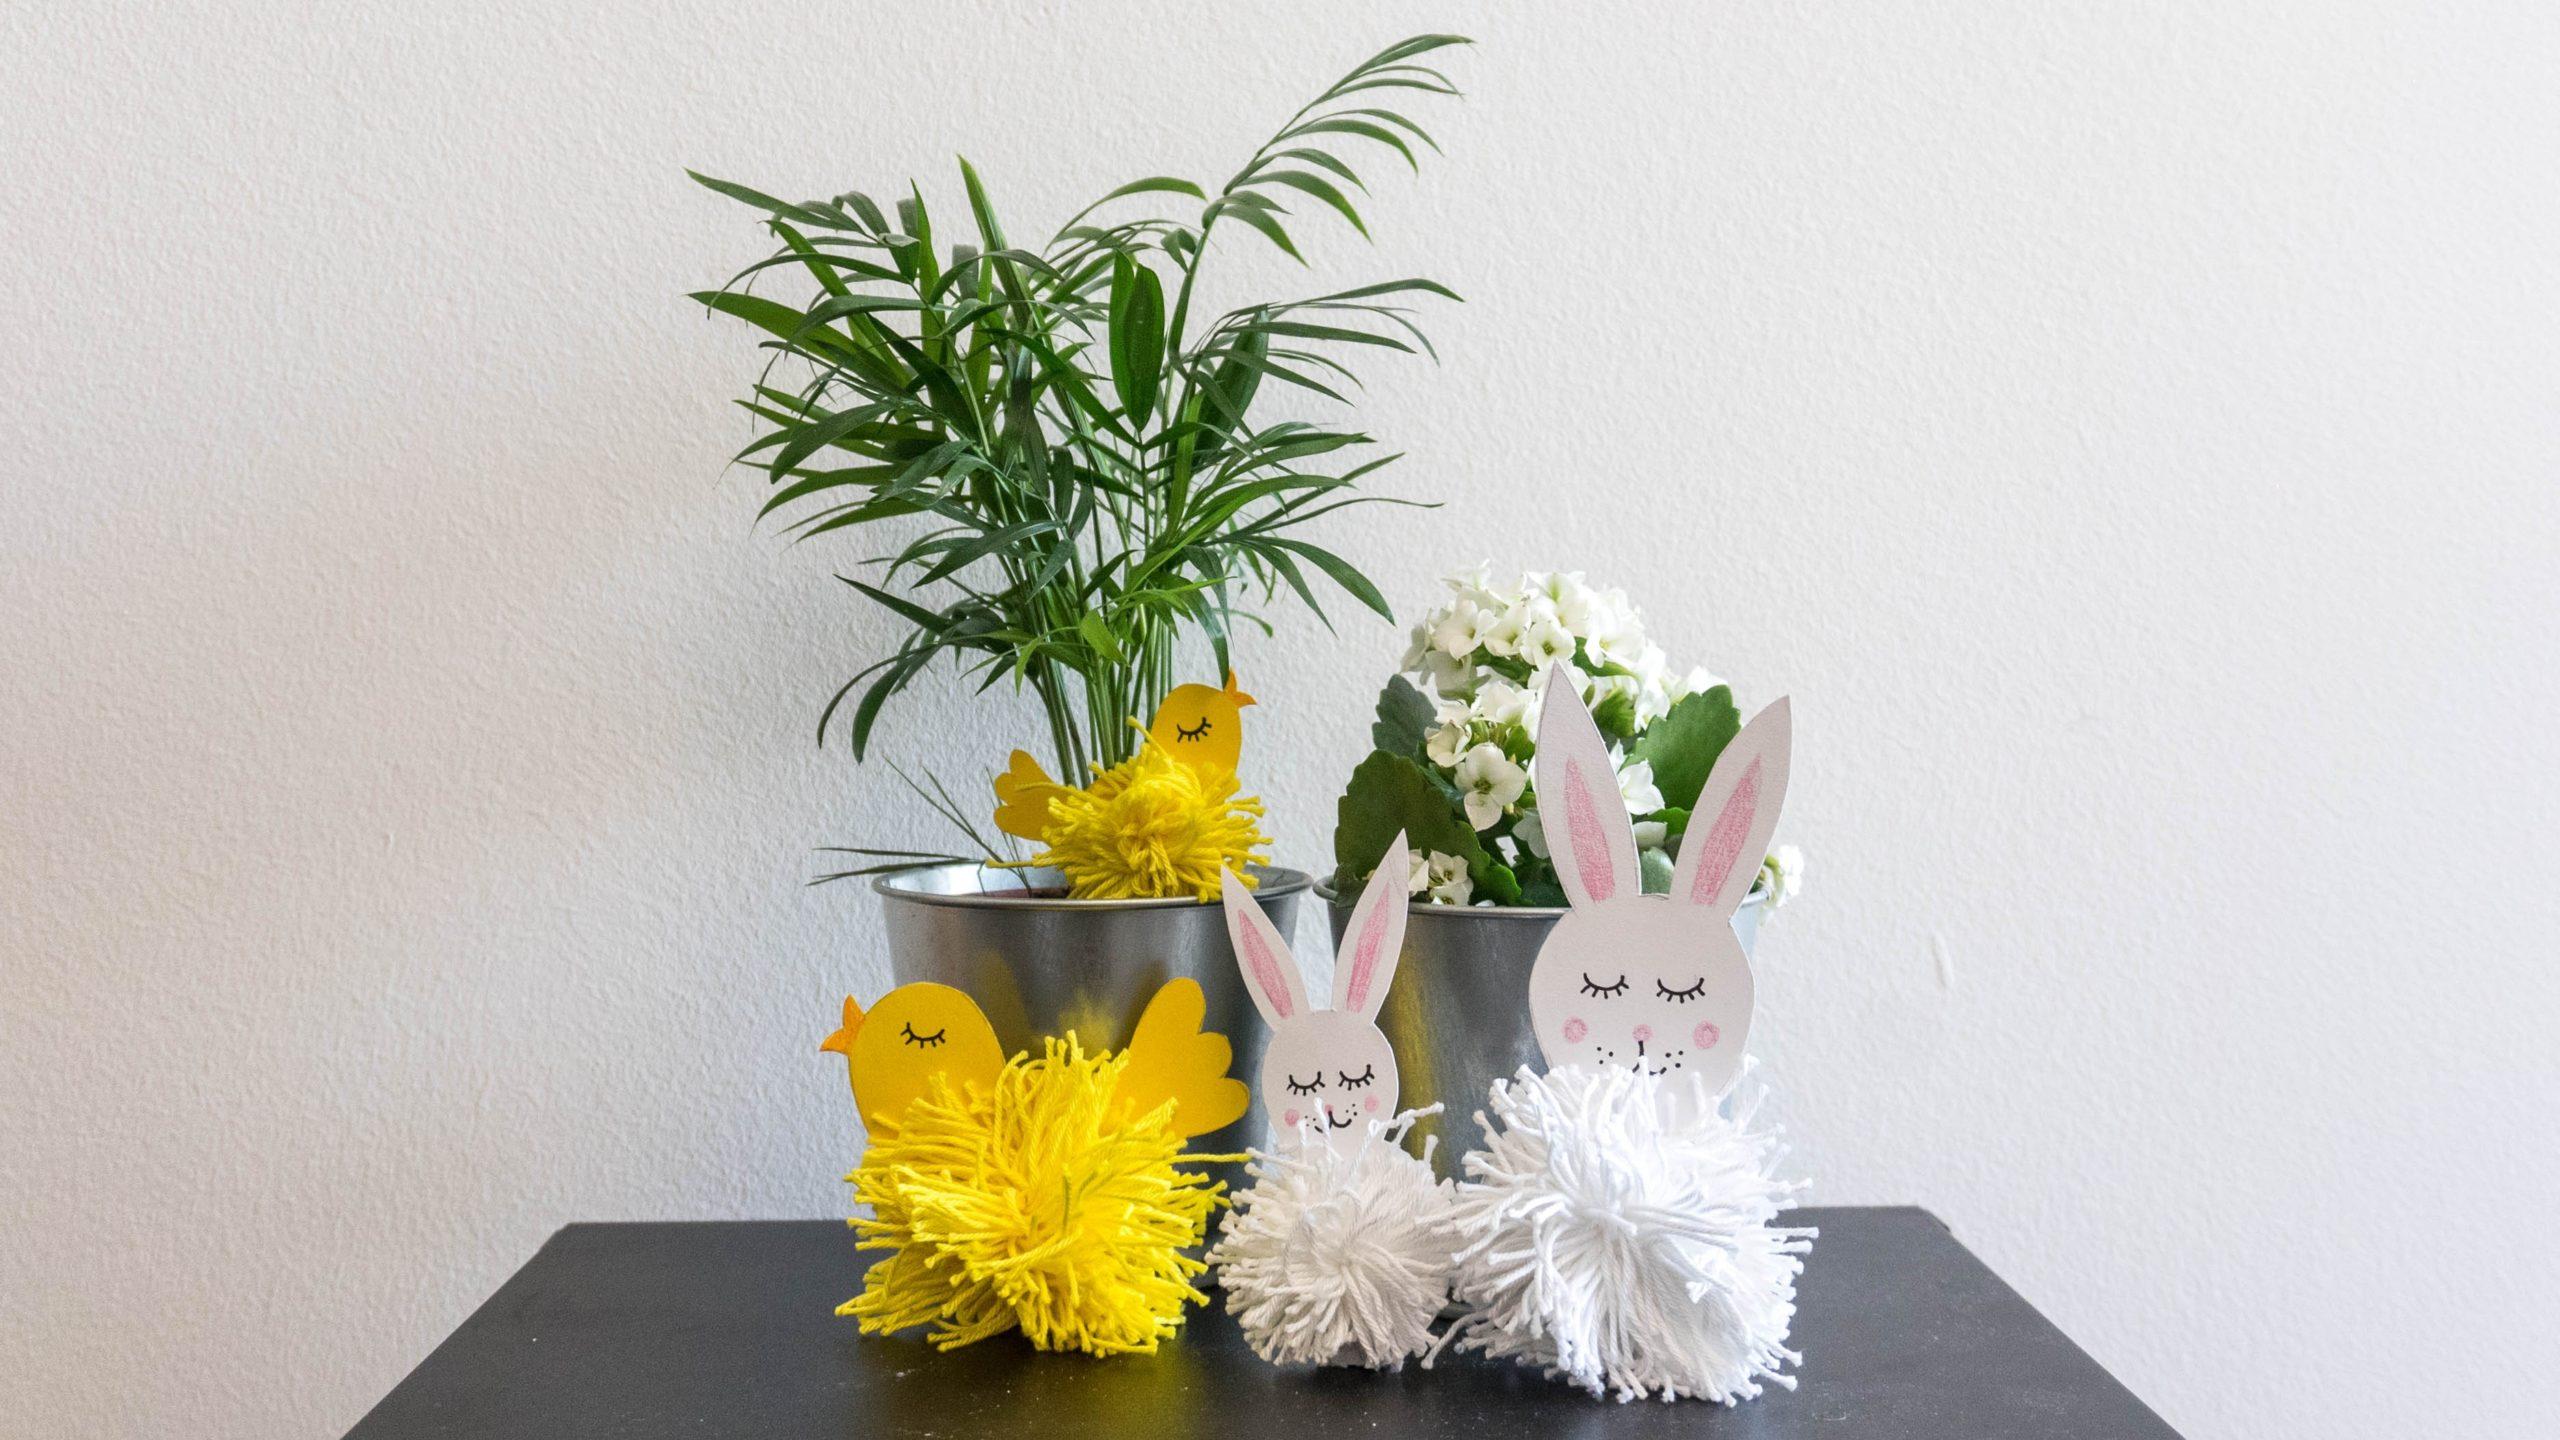 Apró húsvéti dekorációs fonal gombóc állatkák